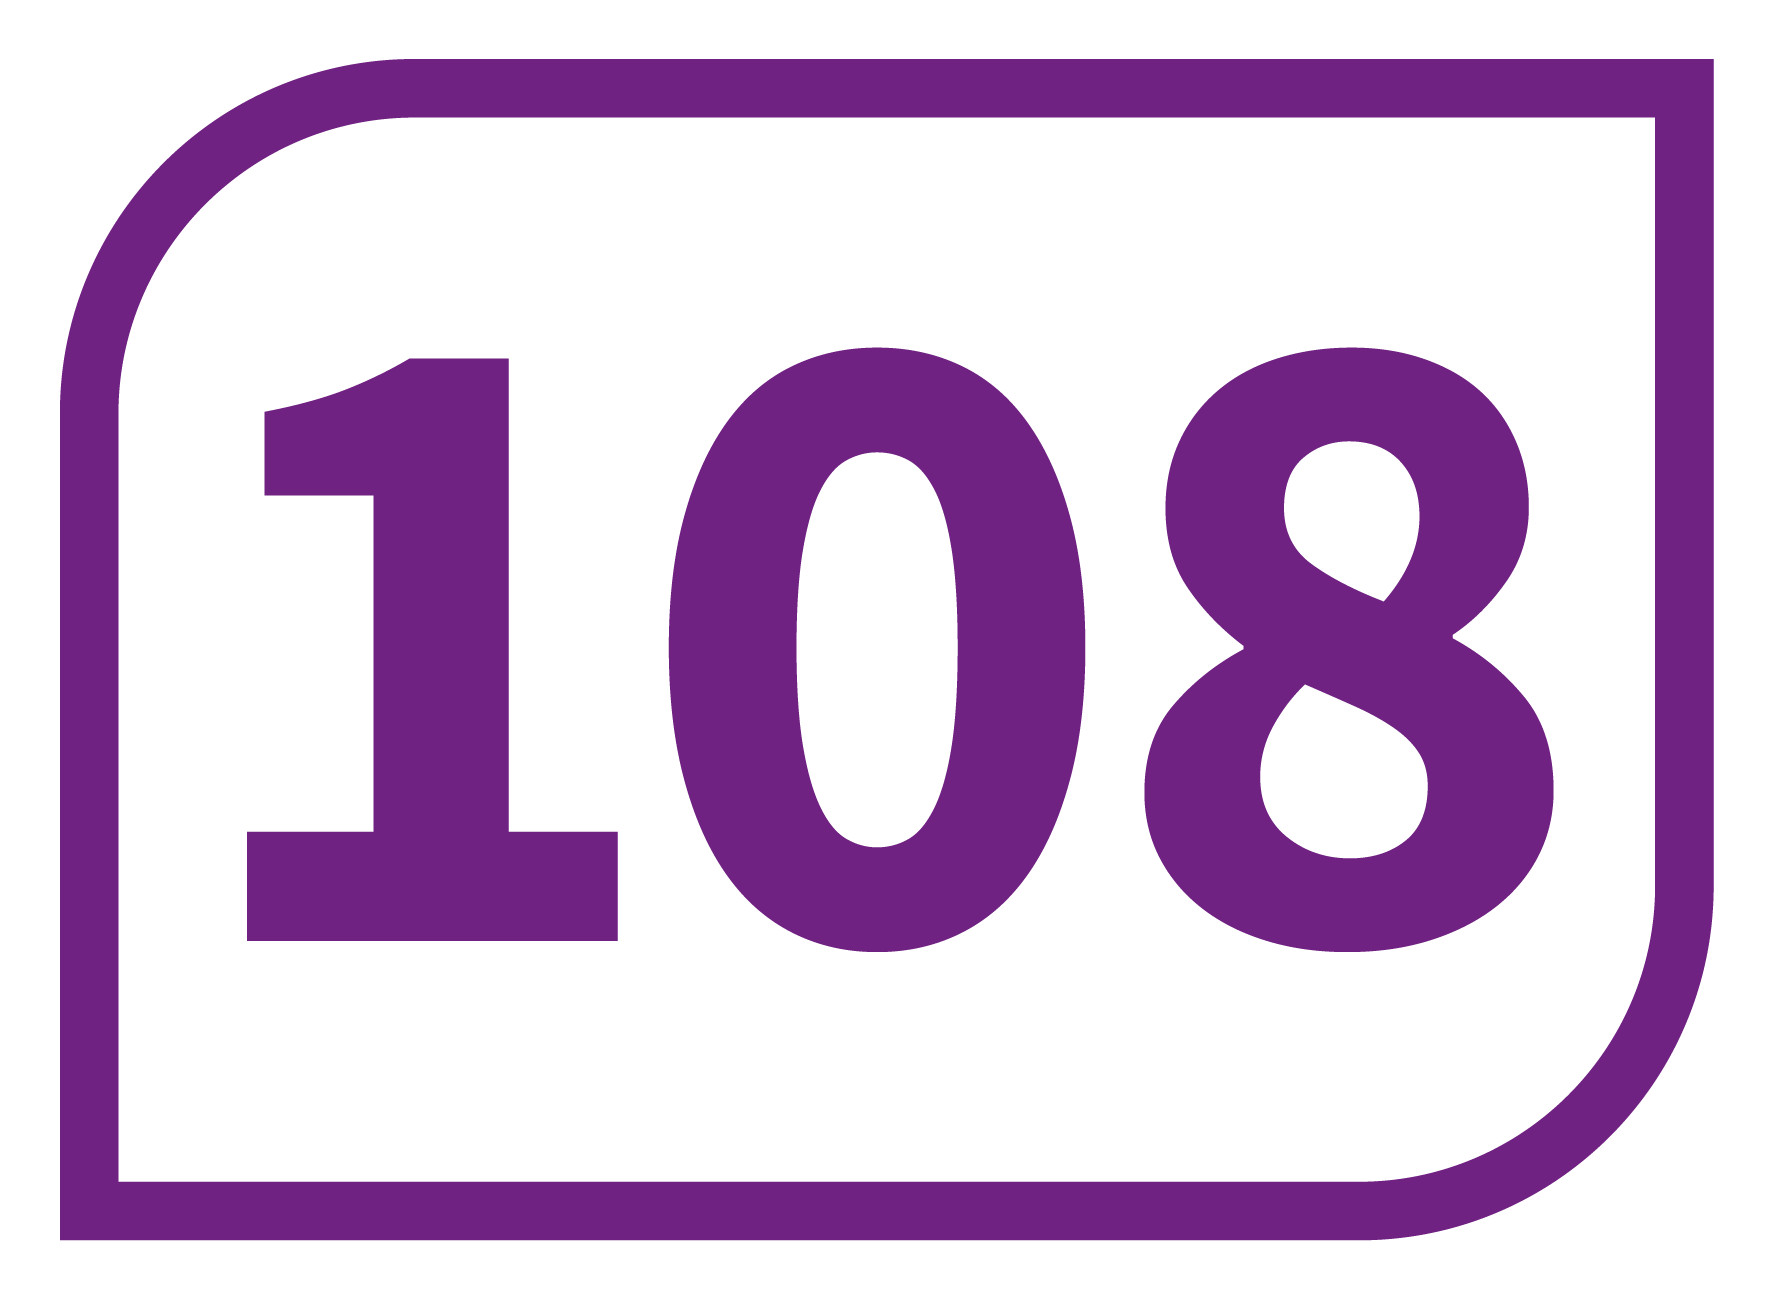 Ligne 108